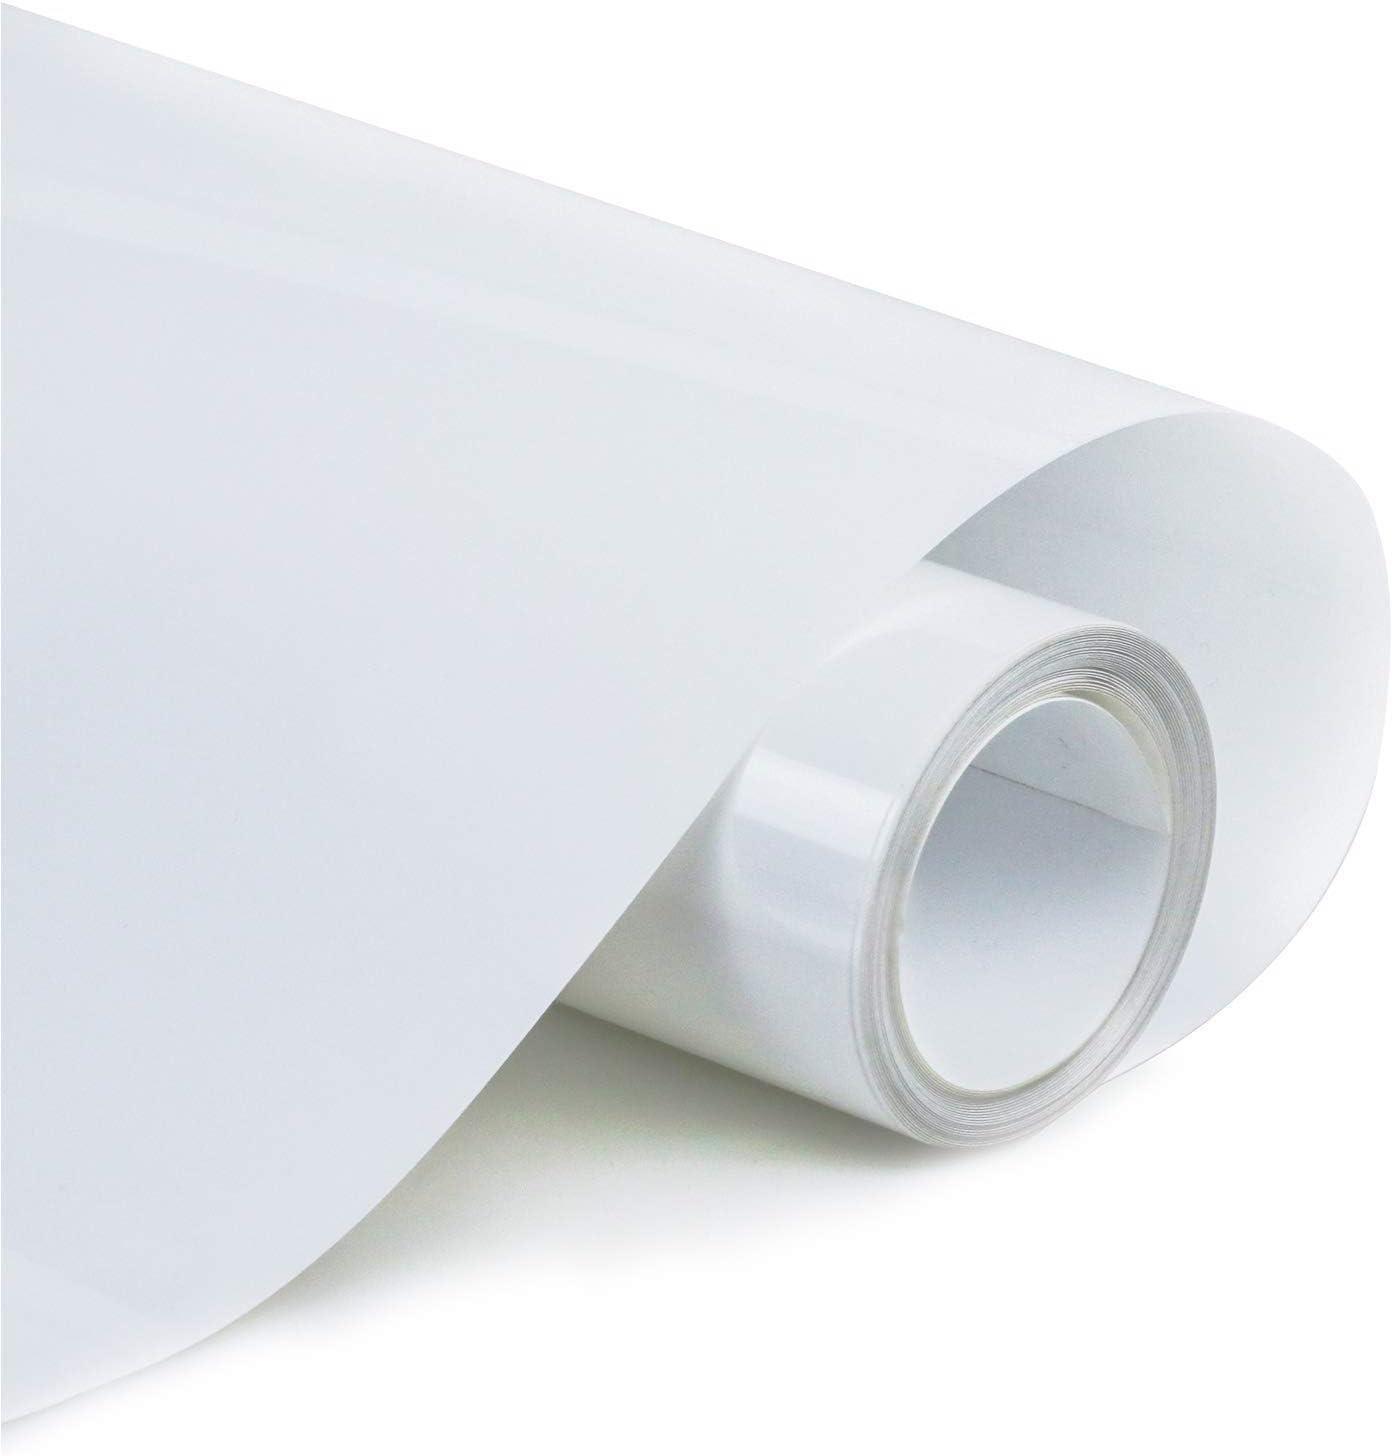 Whaline Heat Transfer Vinyl Roll 12In x 10FT Gold Heat Transfer Paper Permanen